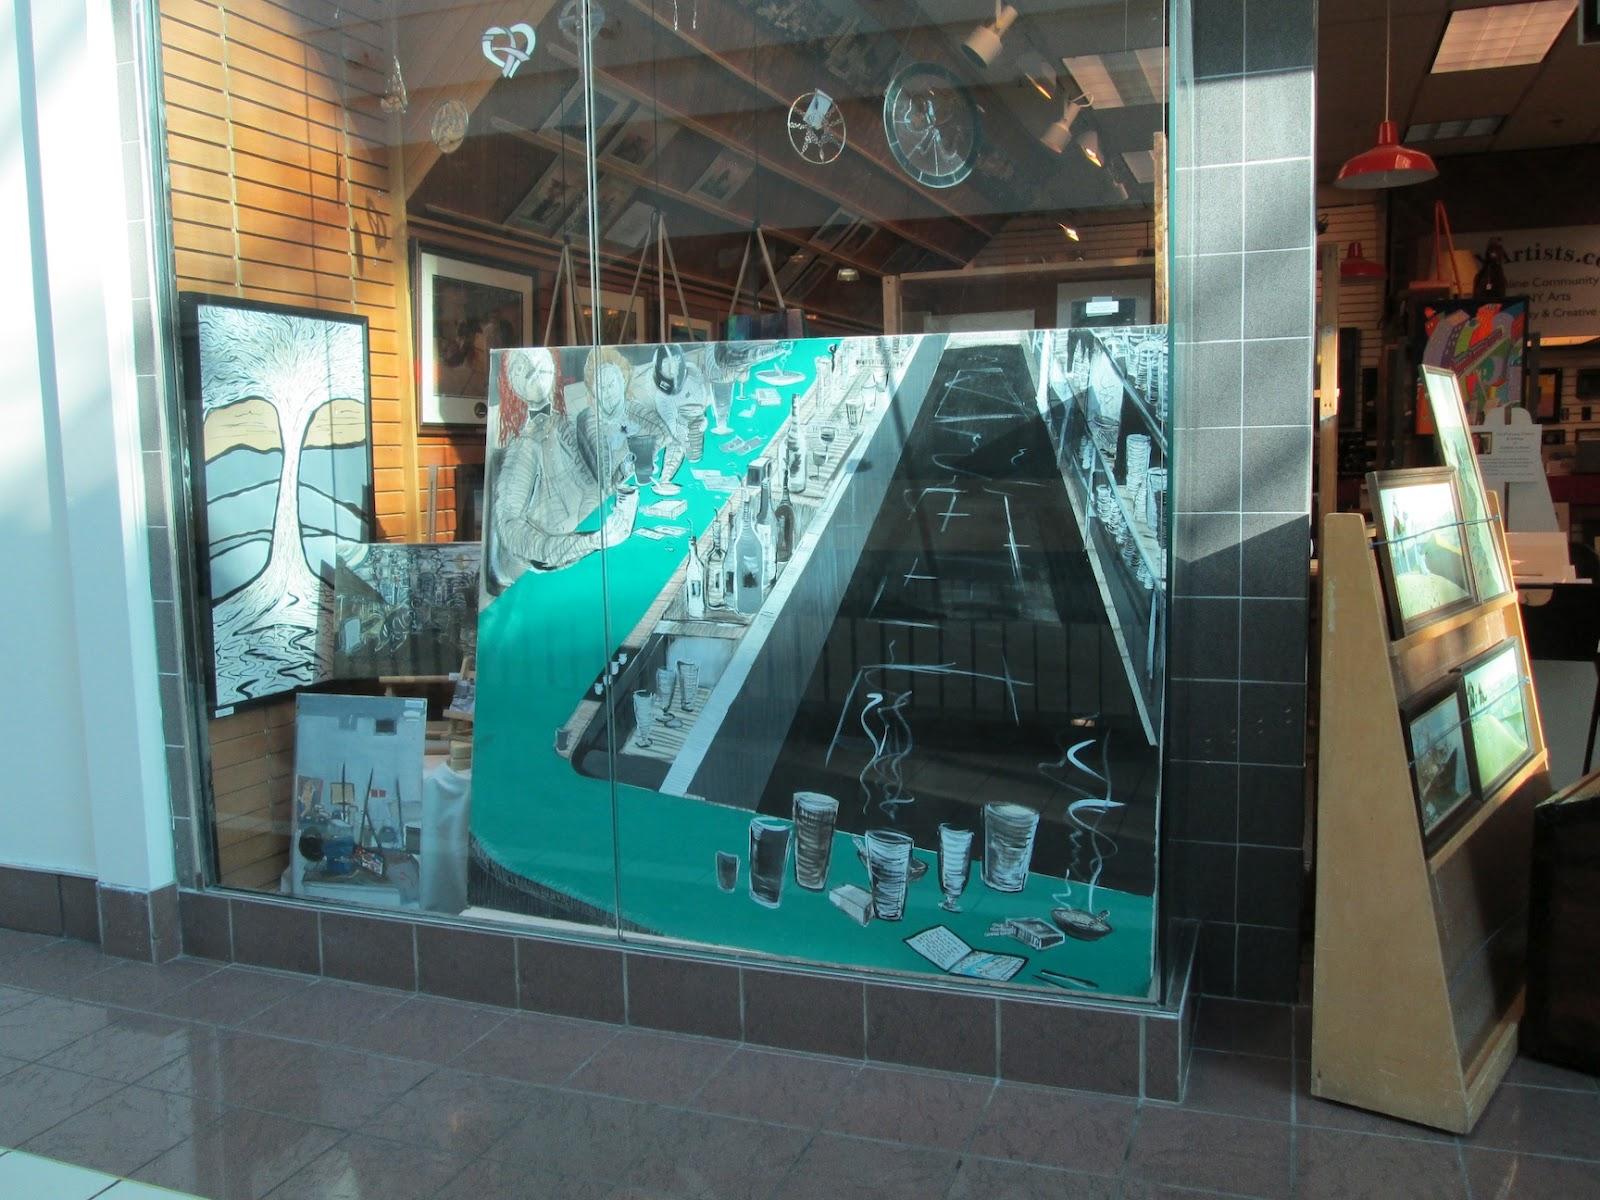 t charm shoppingtown mall syracuse ny - photo#39